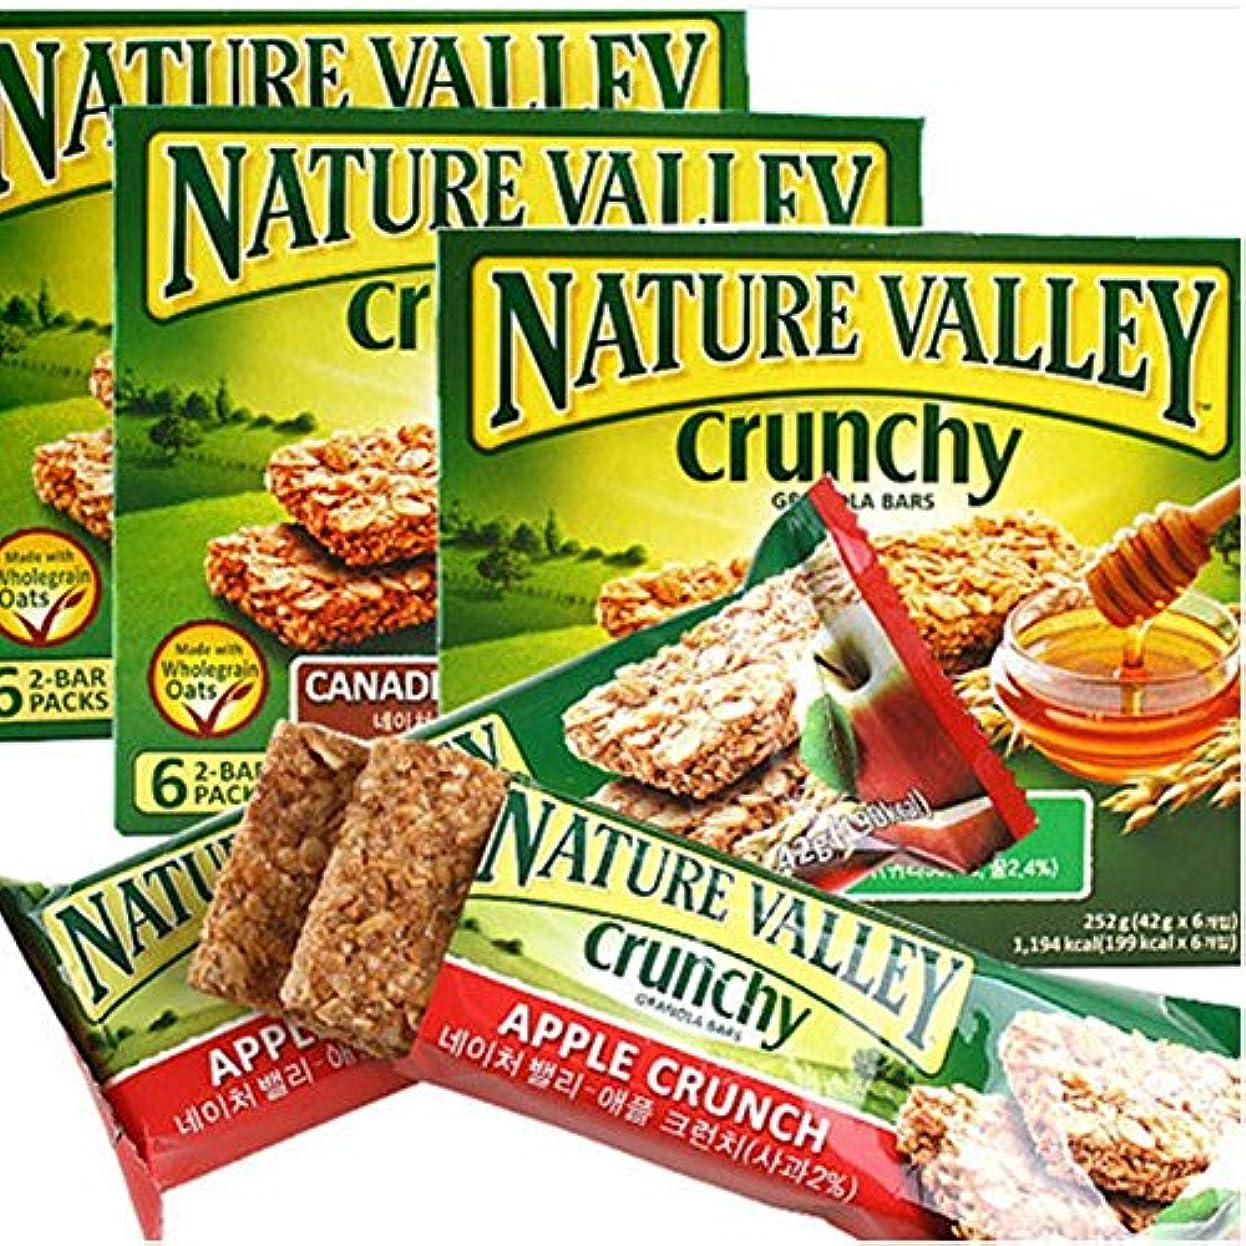 魅惑的な葡萄習字[ネイチャーバレー/Nature Valley] CANADIAN MAPLE SYRUP/ネイチャーバレークランチグラノーラバー42g5パックx3 Box - メープルシロップ(合計15袋)穀物バー/シリアル/栄養のバー...